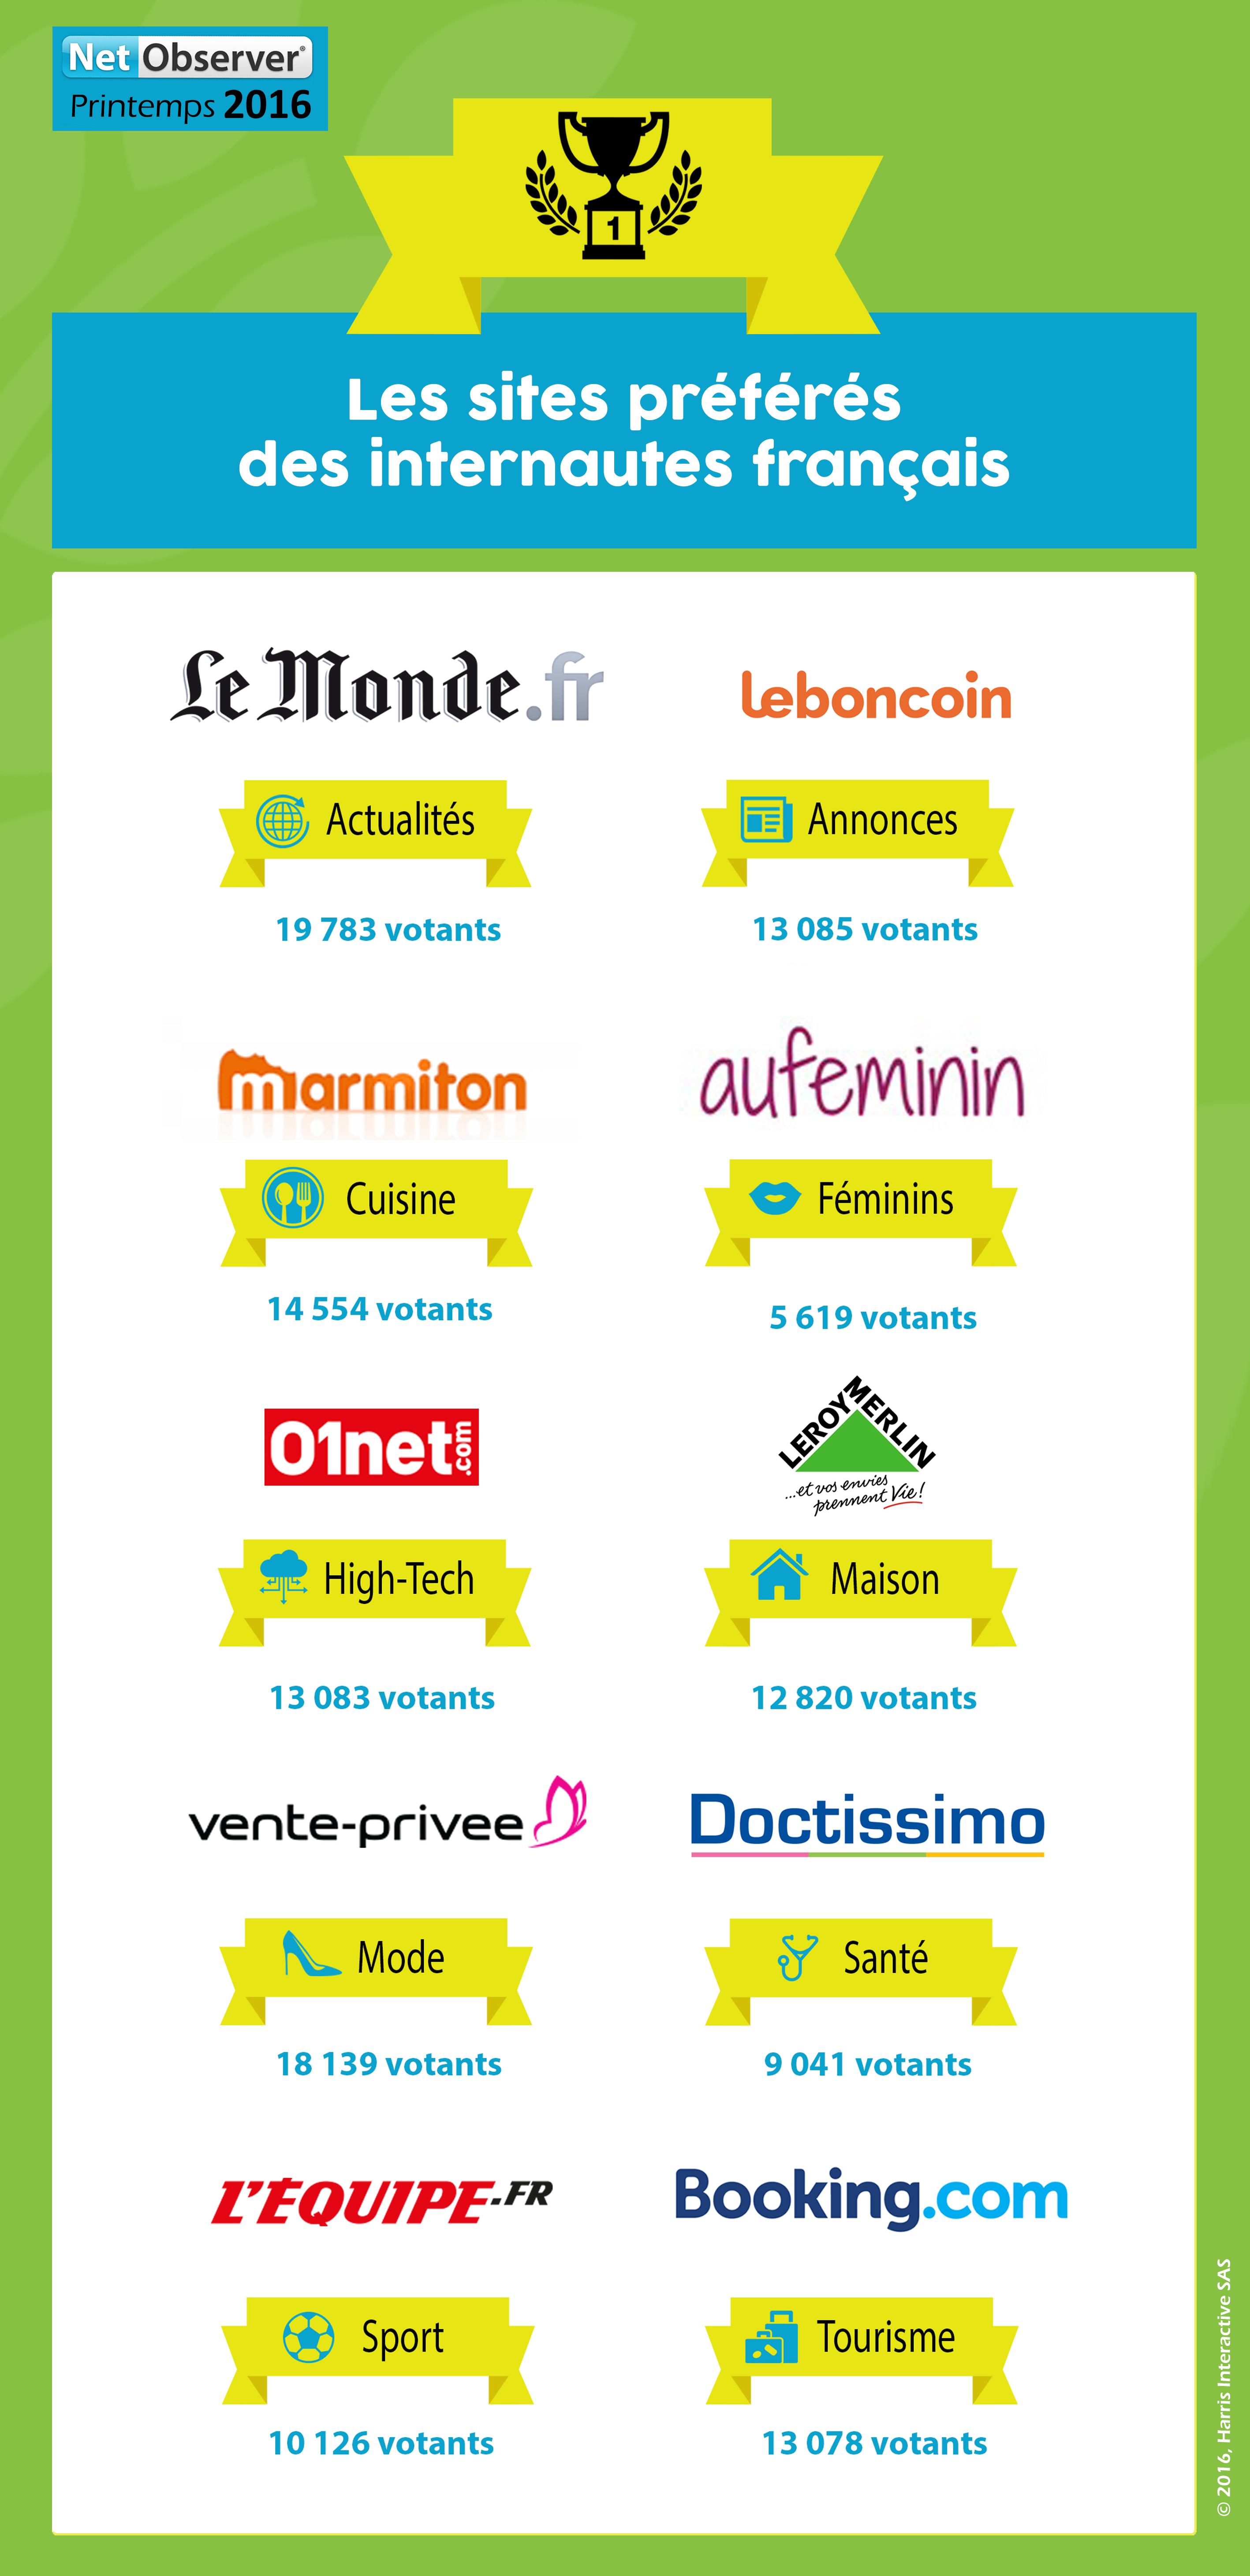 Les sites préférés des internautes français image